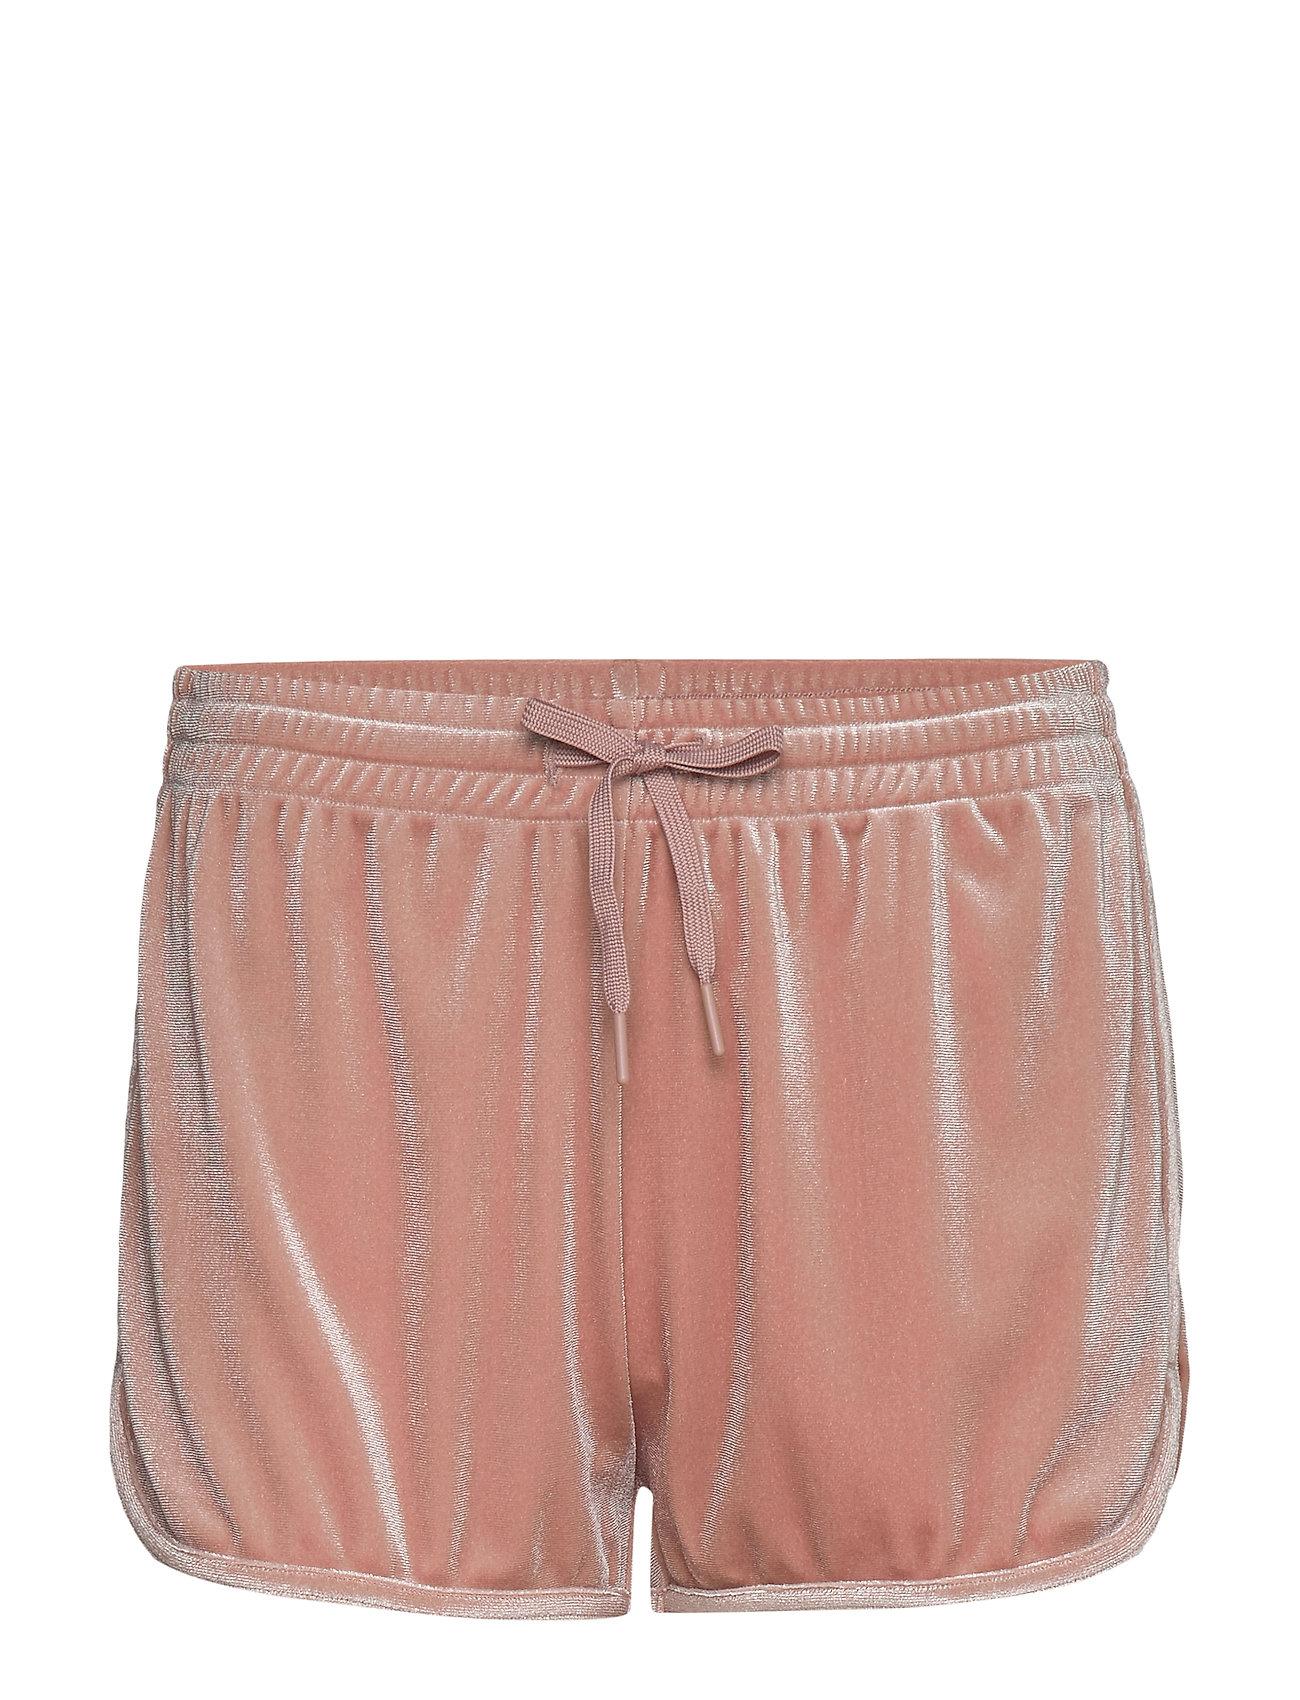 Filippa K Soft Sport Sporty Velvet Shorts - DUSTY ROSE